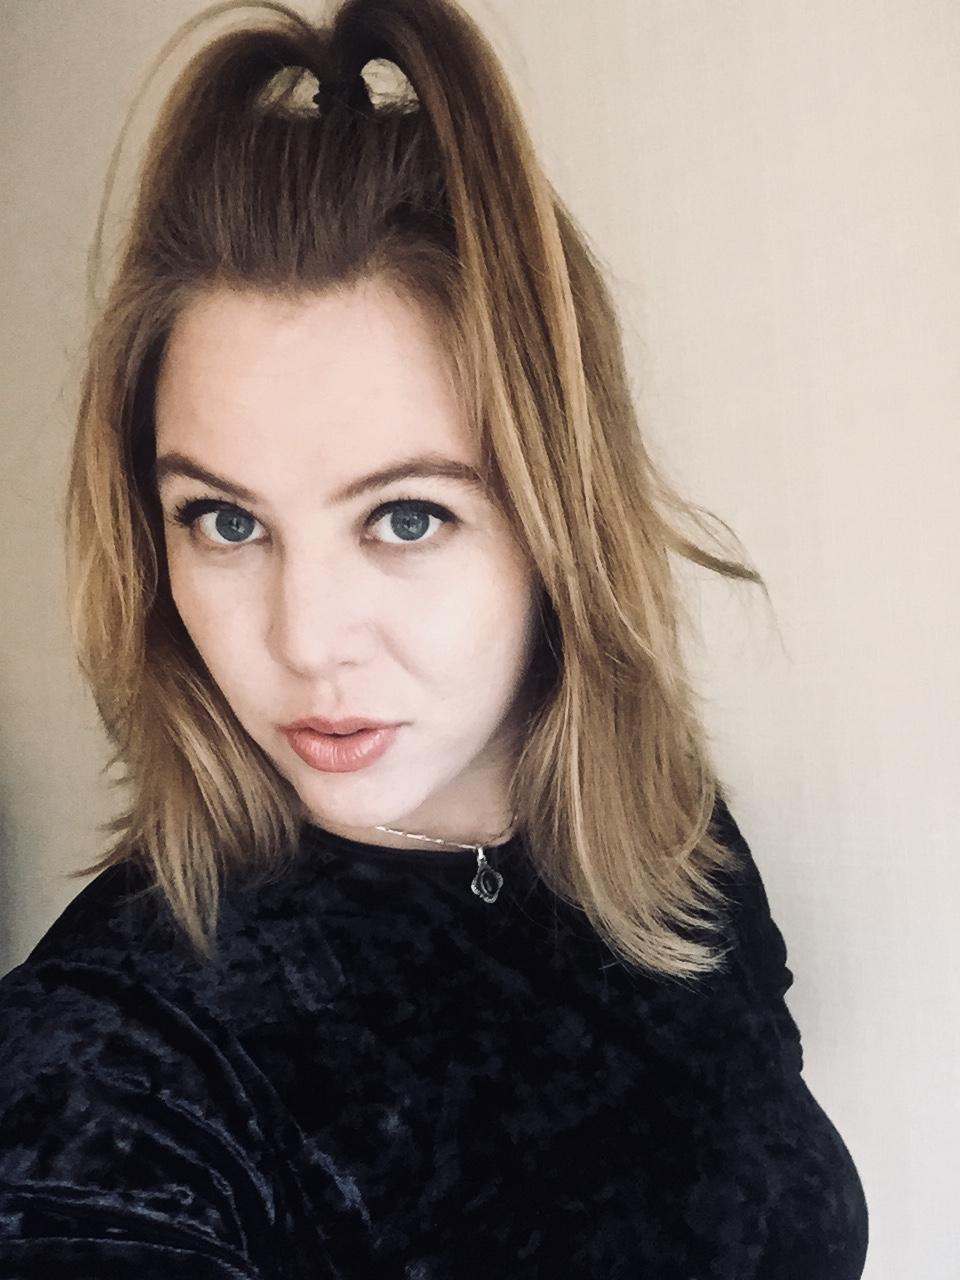 Emilie Kirstine Bondo Fabricius Ahlgreen